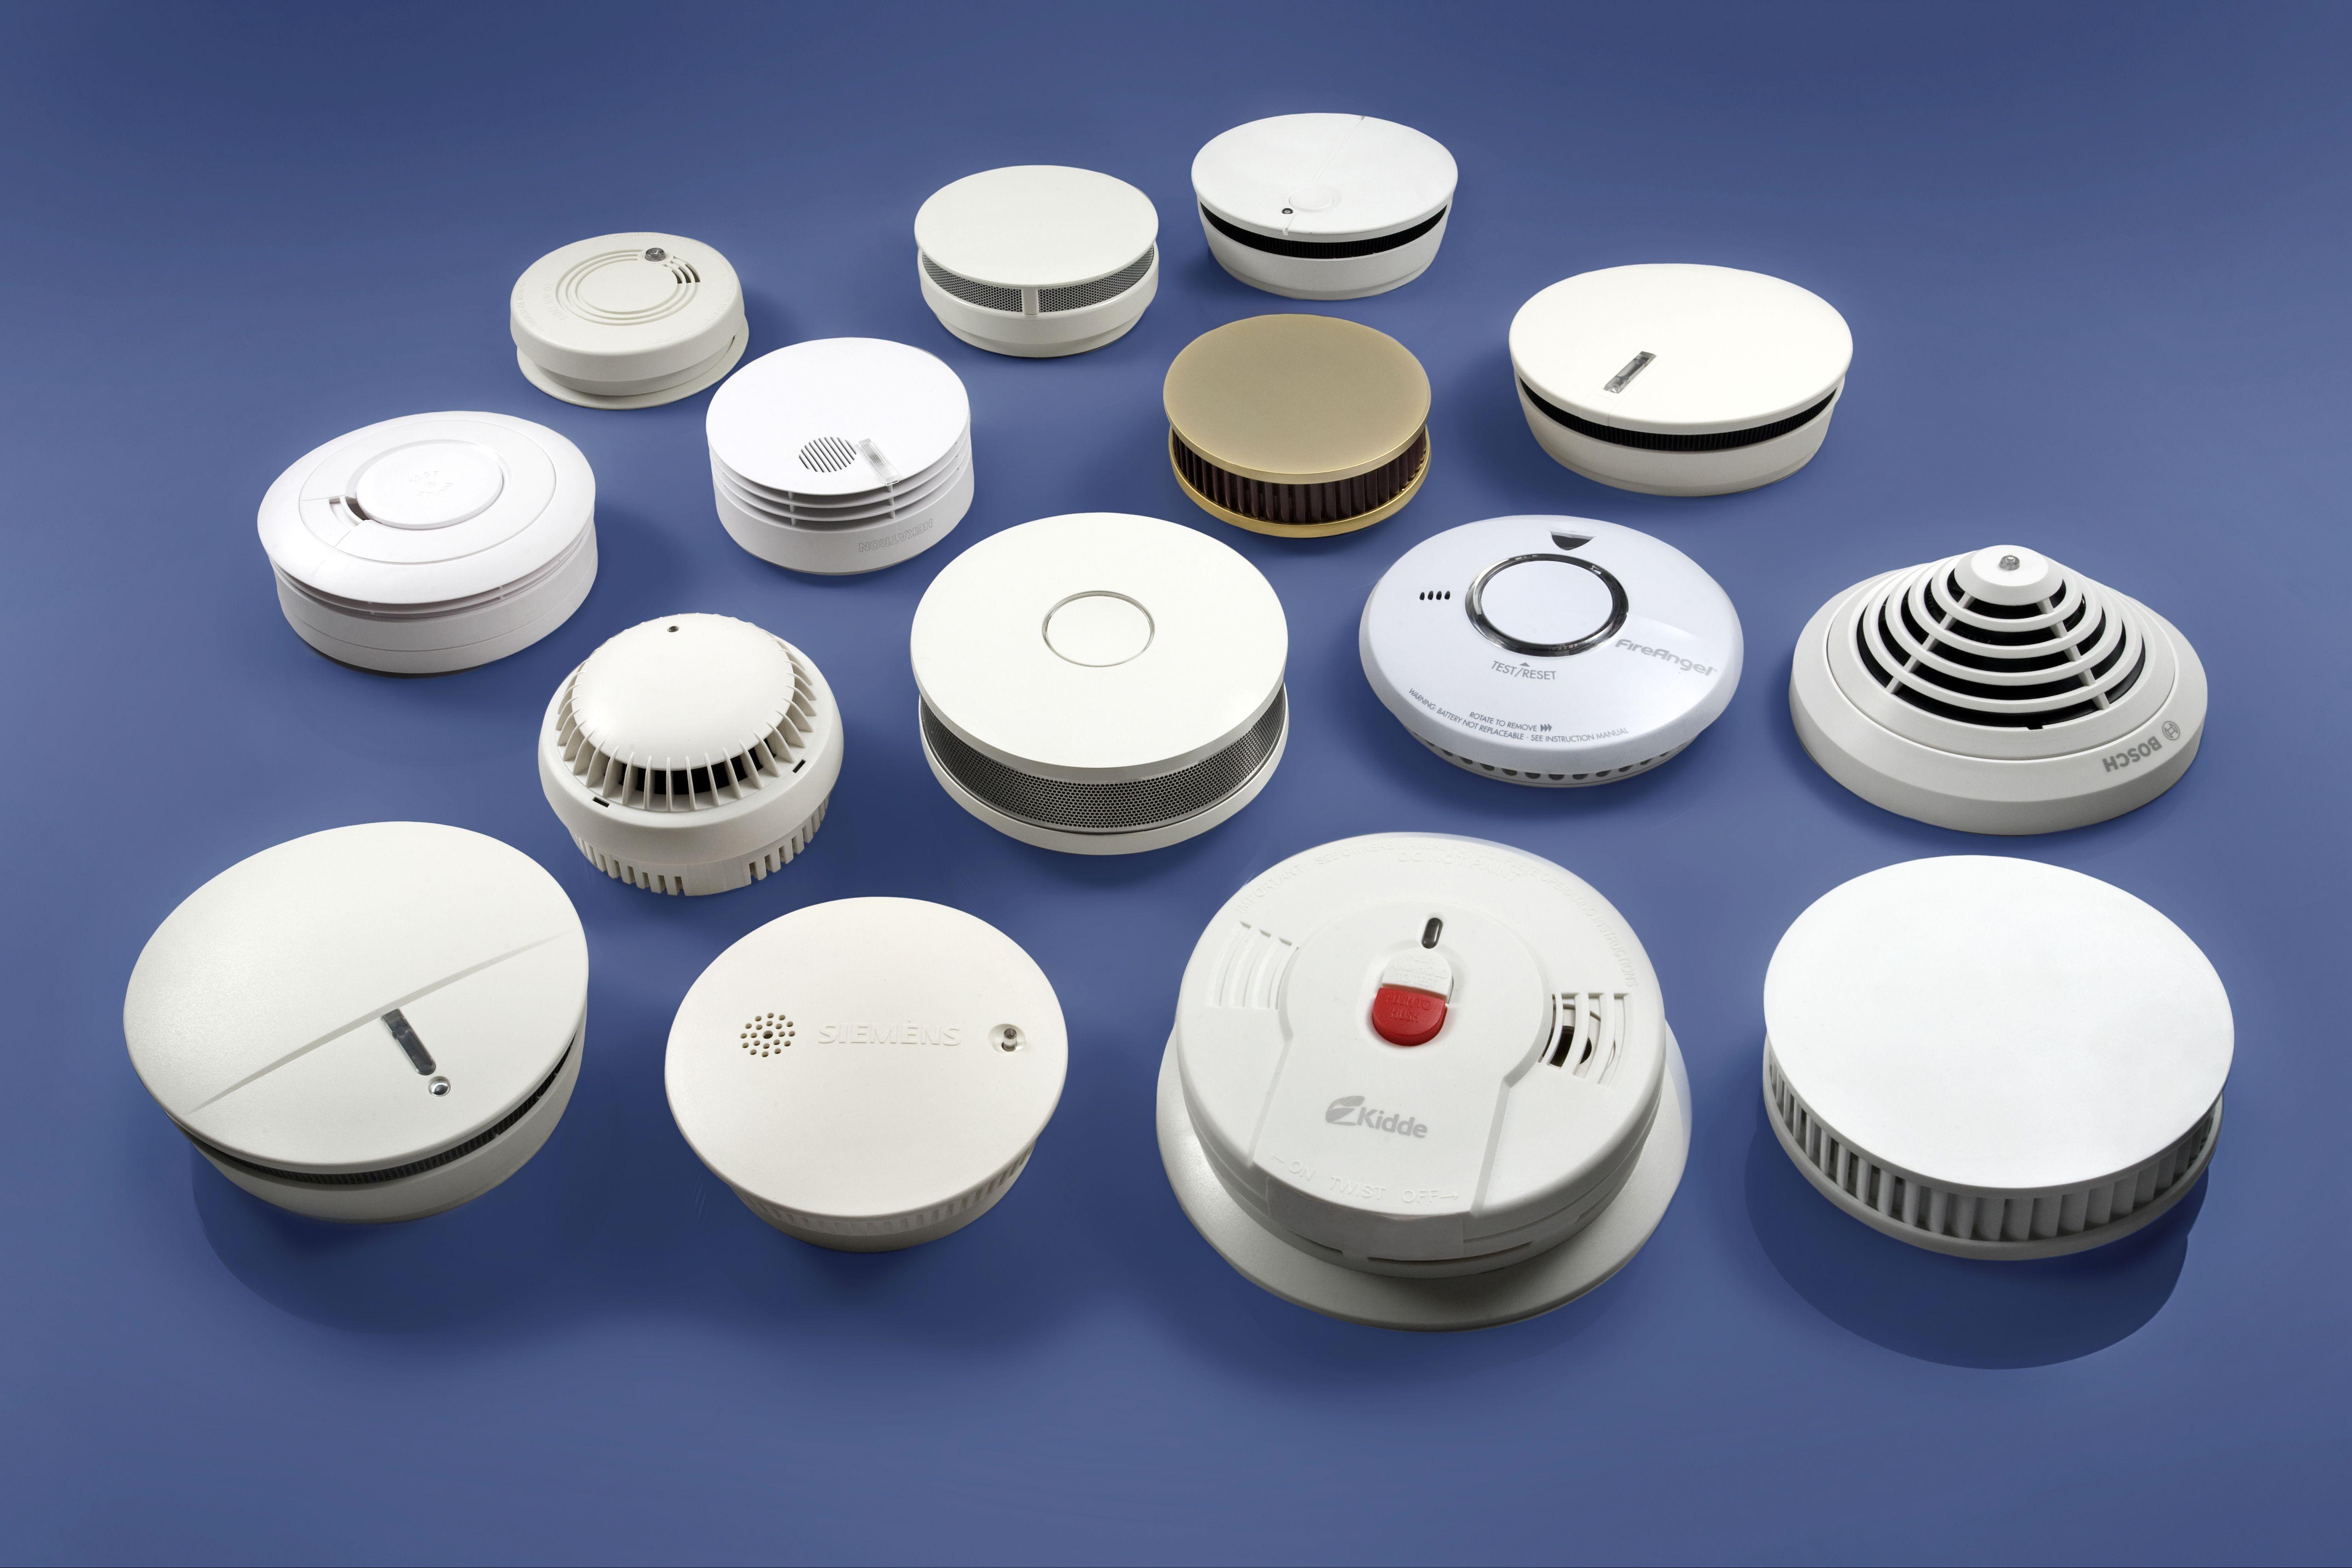 kauf montage rauchwarnmelder sicherheitstipps ihre. Black Bedroom Furniture Sets. Home Design Ideas